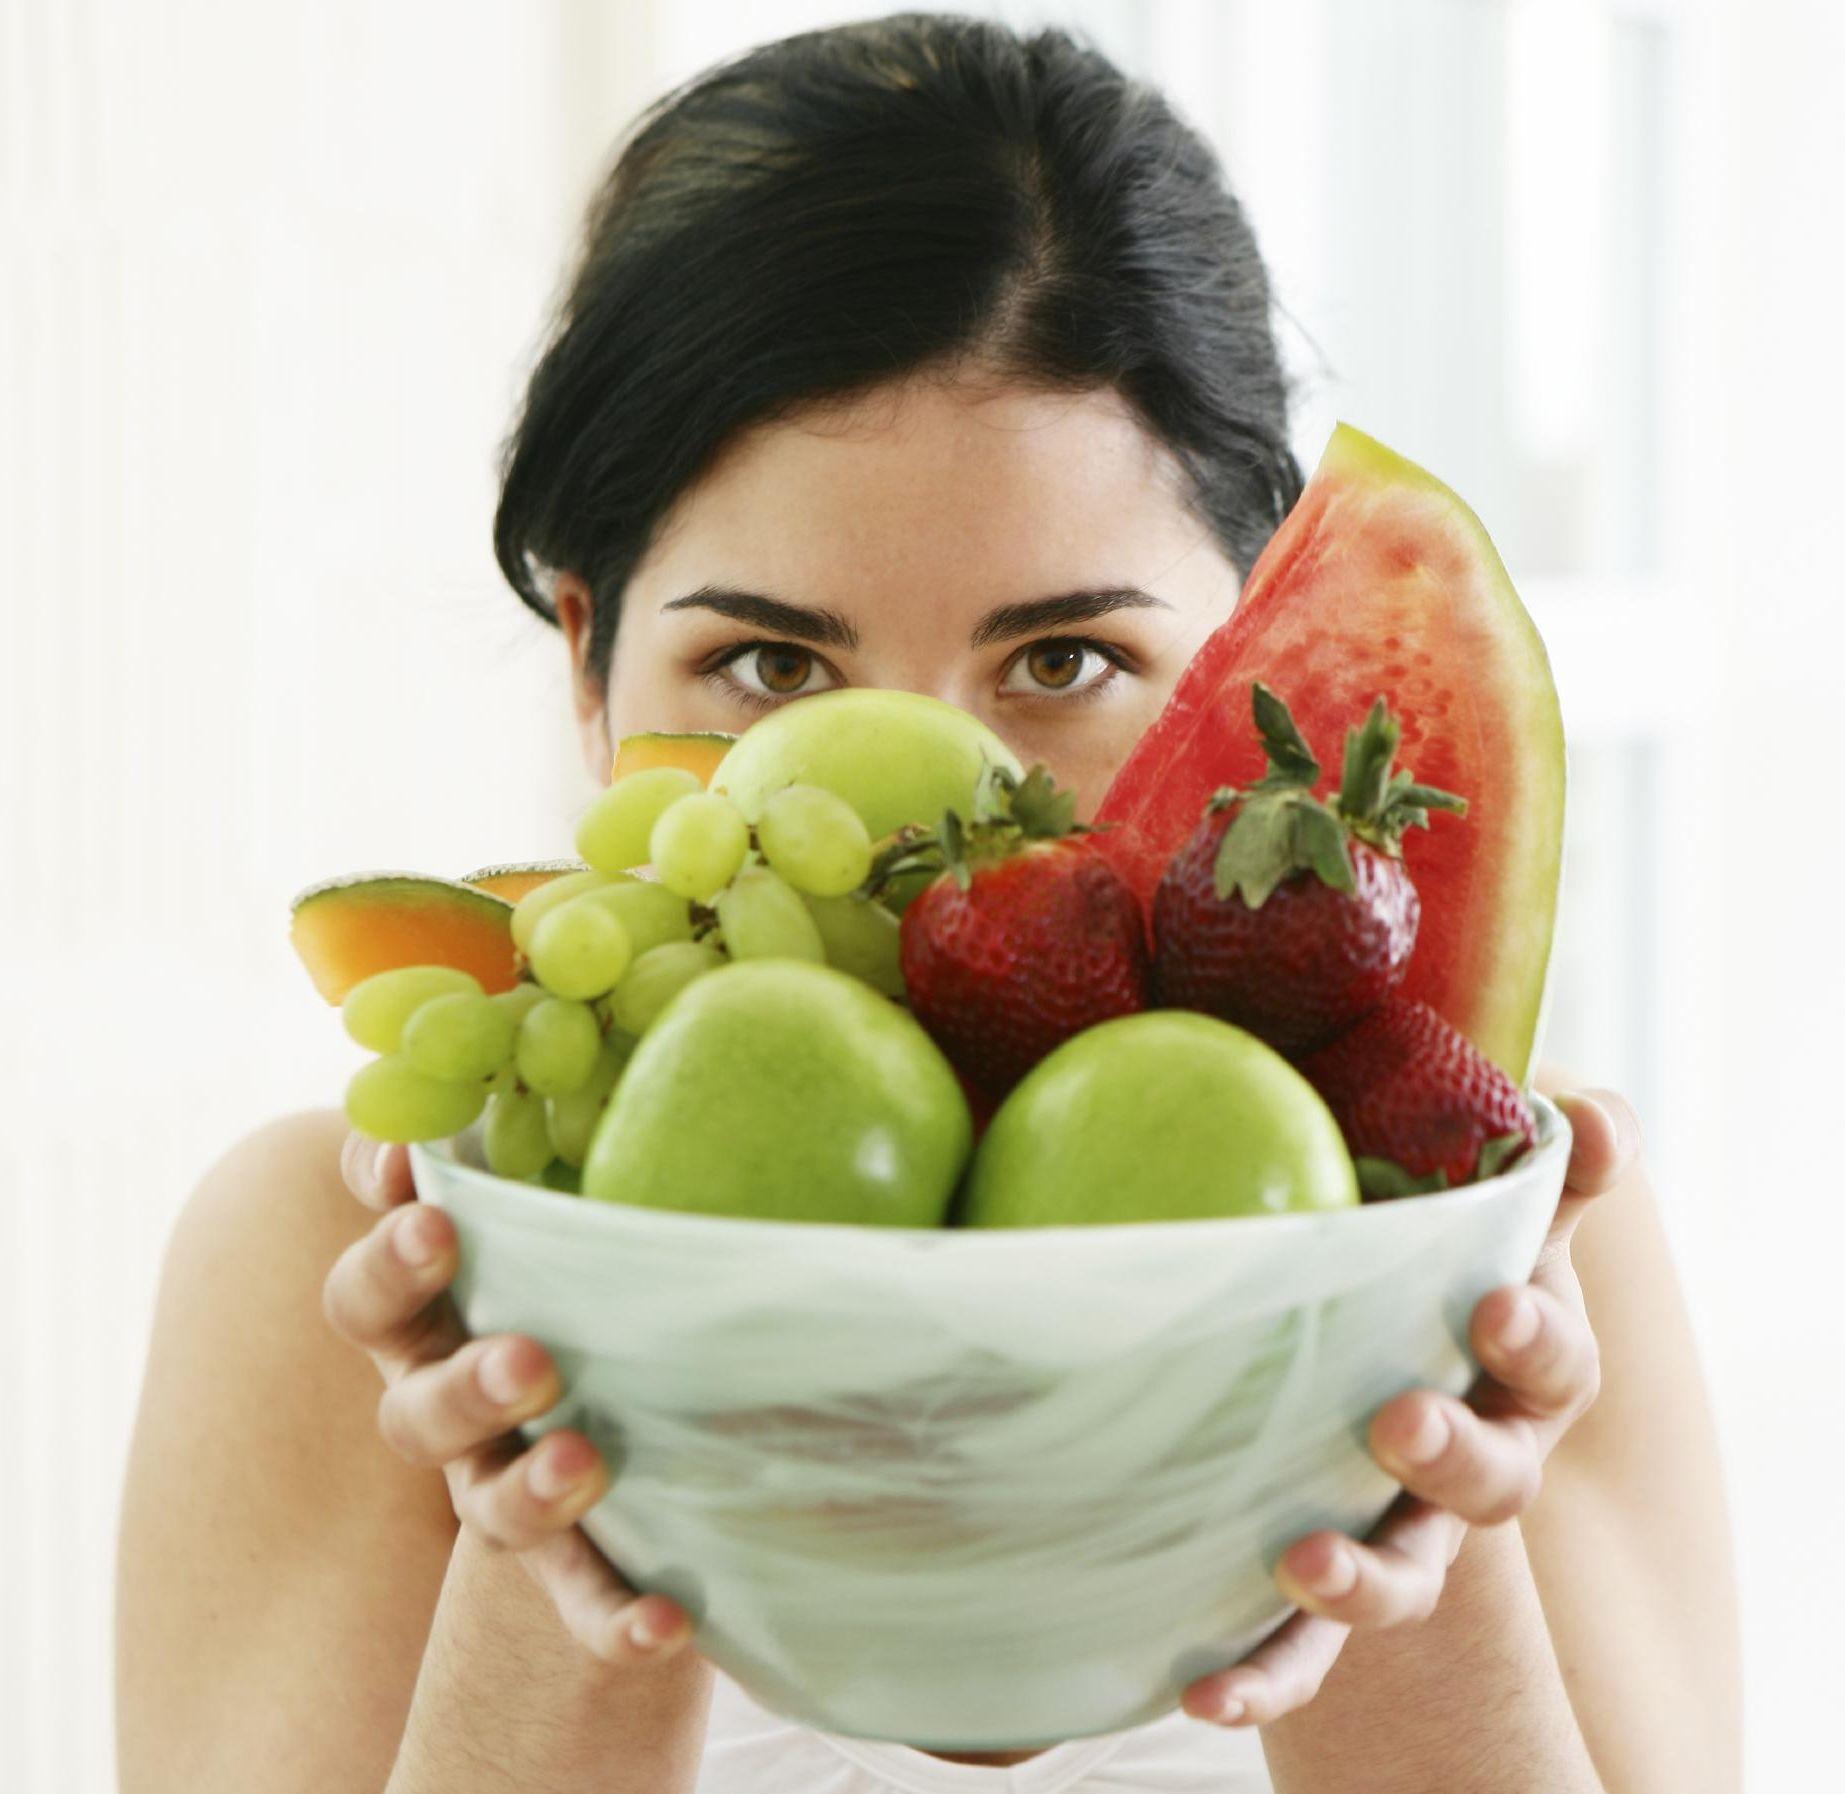 Правильное питание - гарантия здоровья всего организма